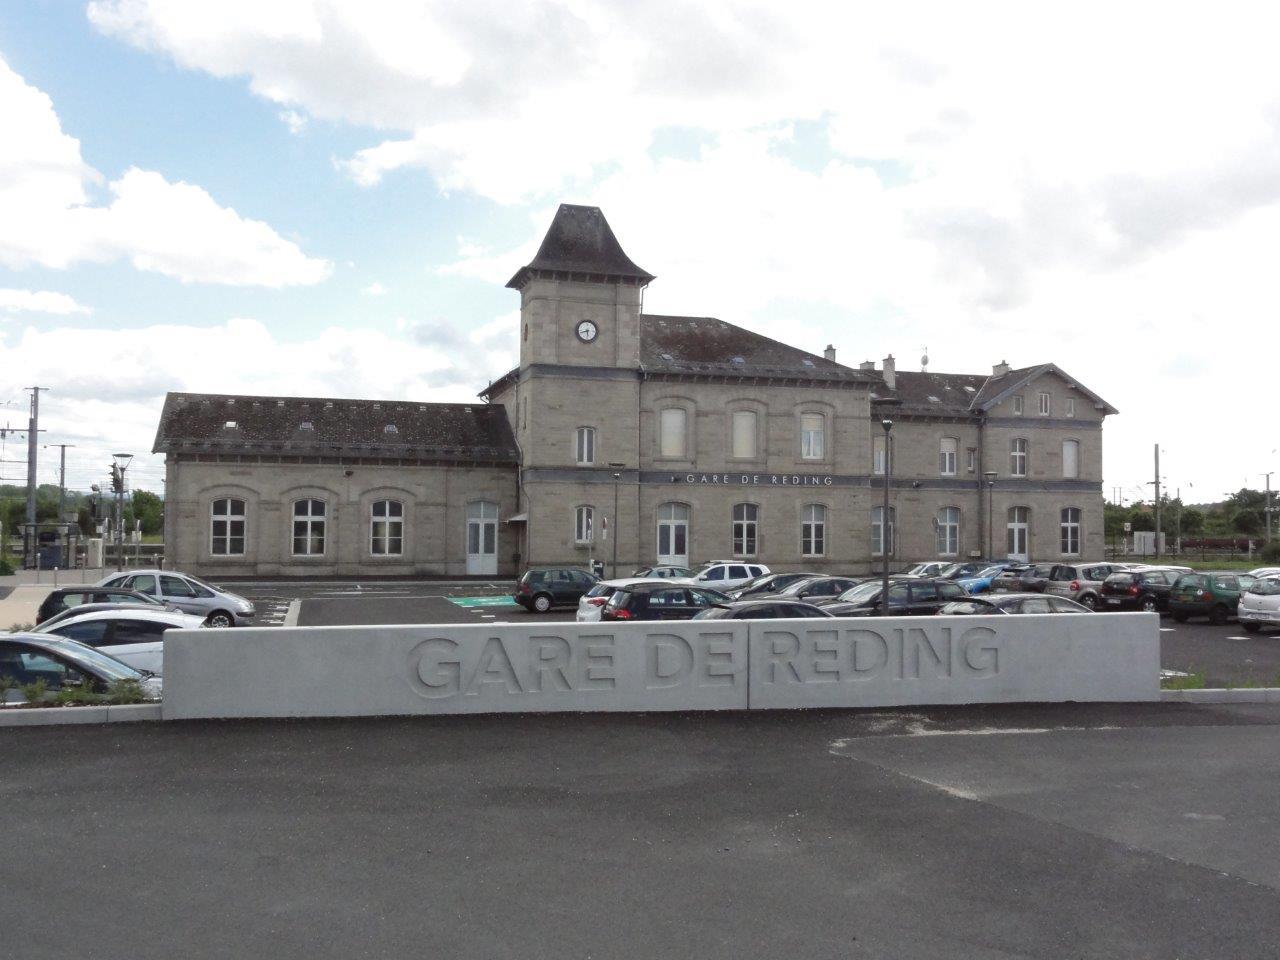 gare-de-reding-train-station